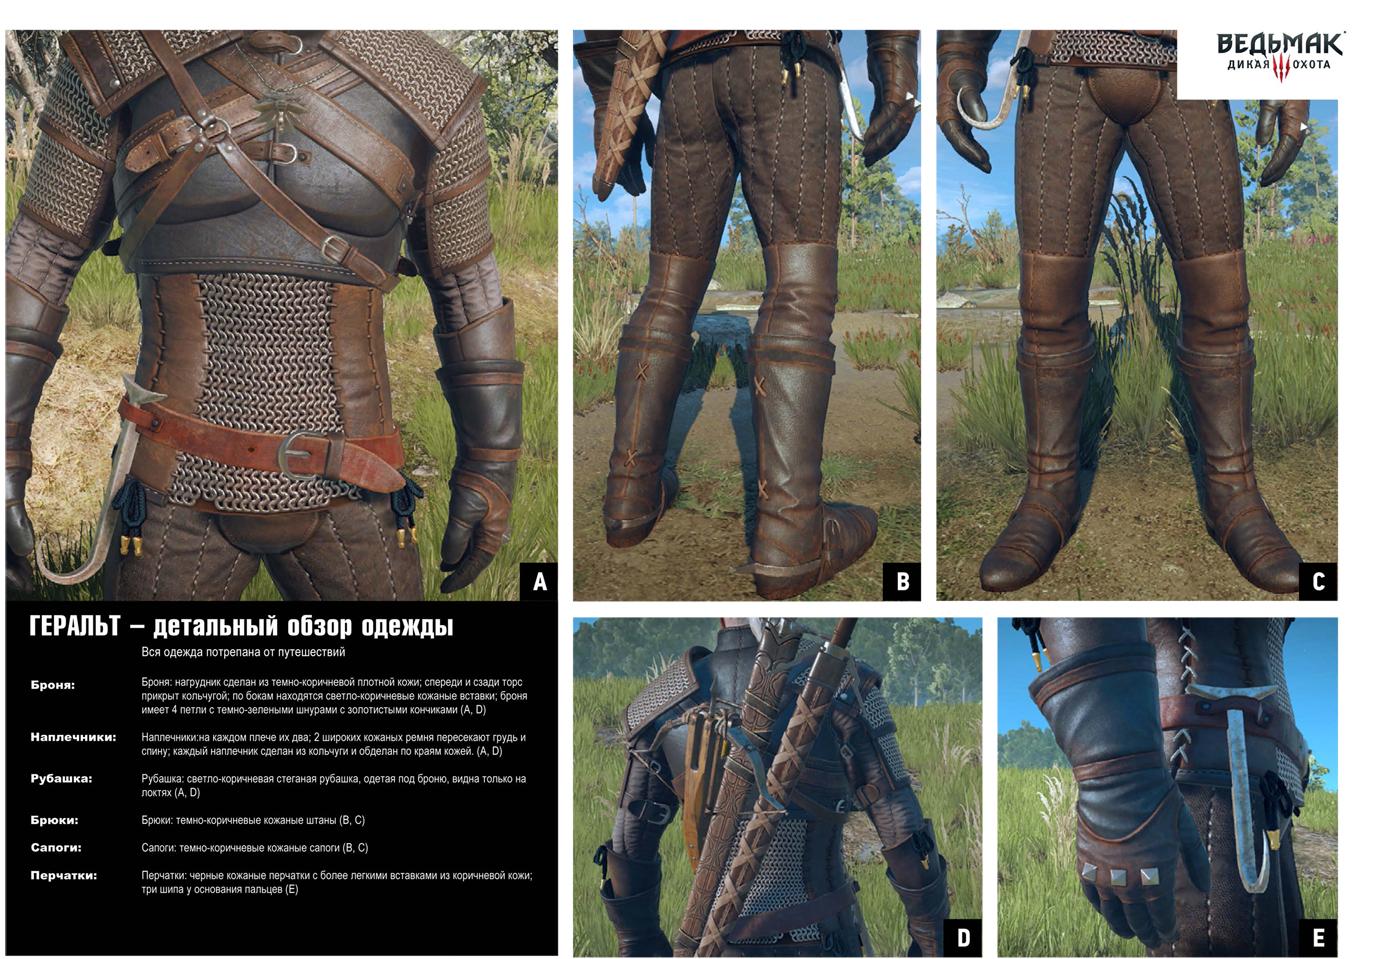 Geralt-rukovodstvo-po-kospleyu-4.jpg